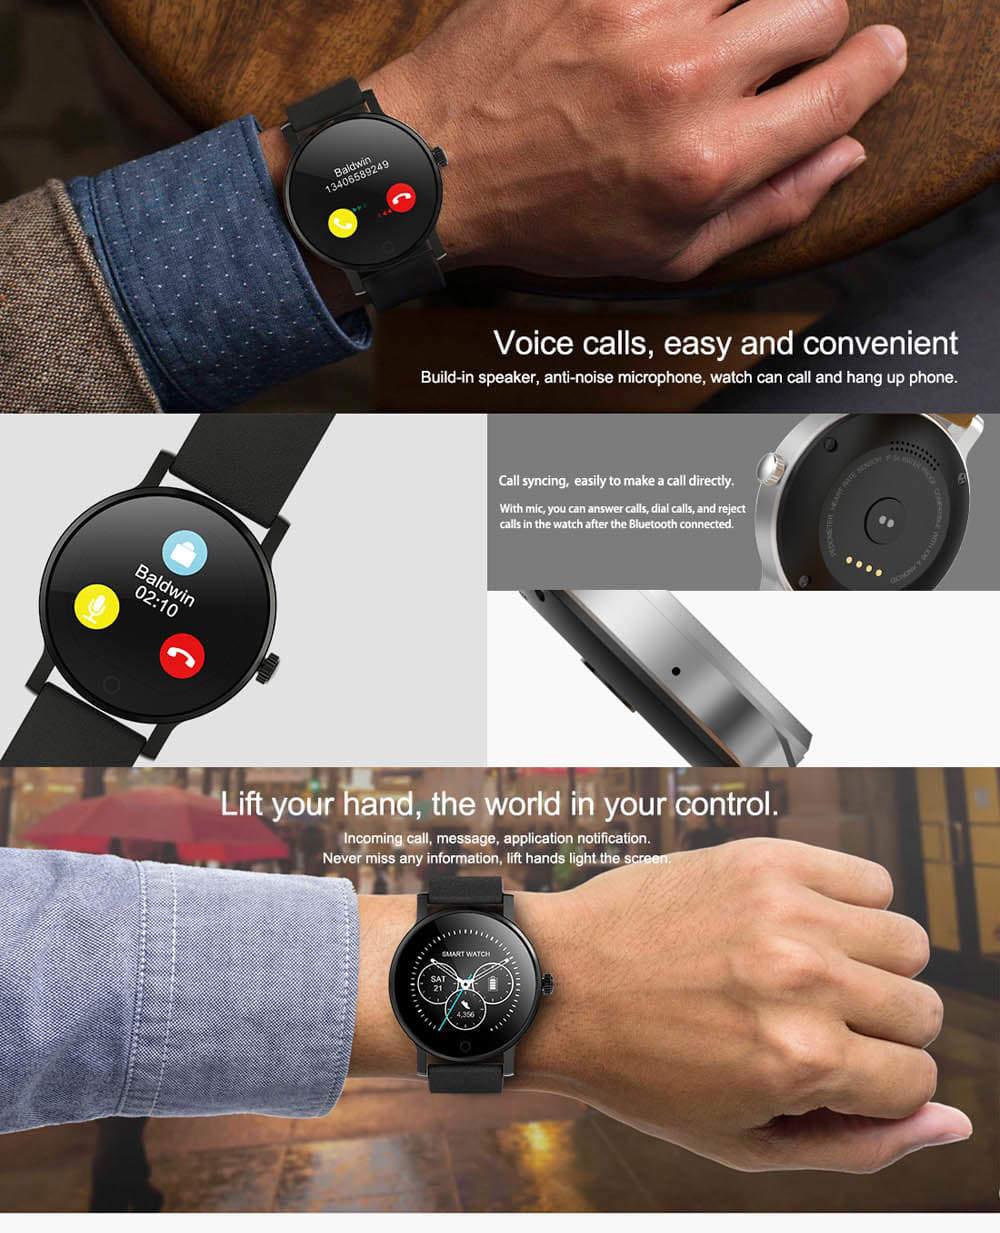 sma-09 smartwatch